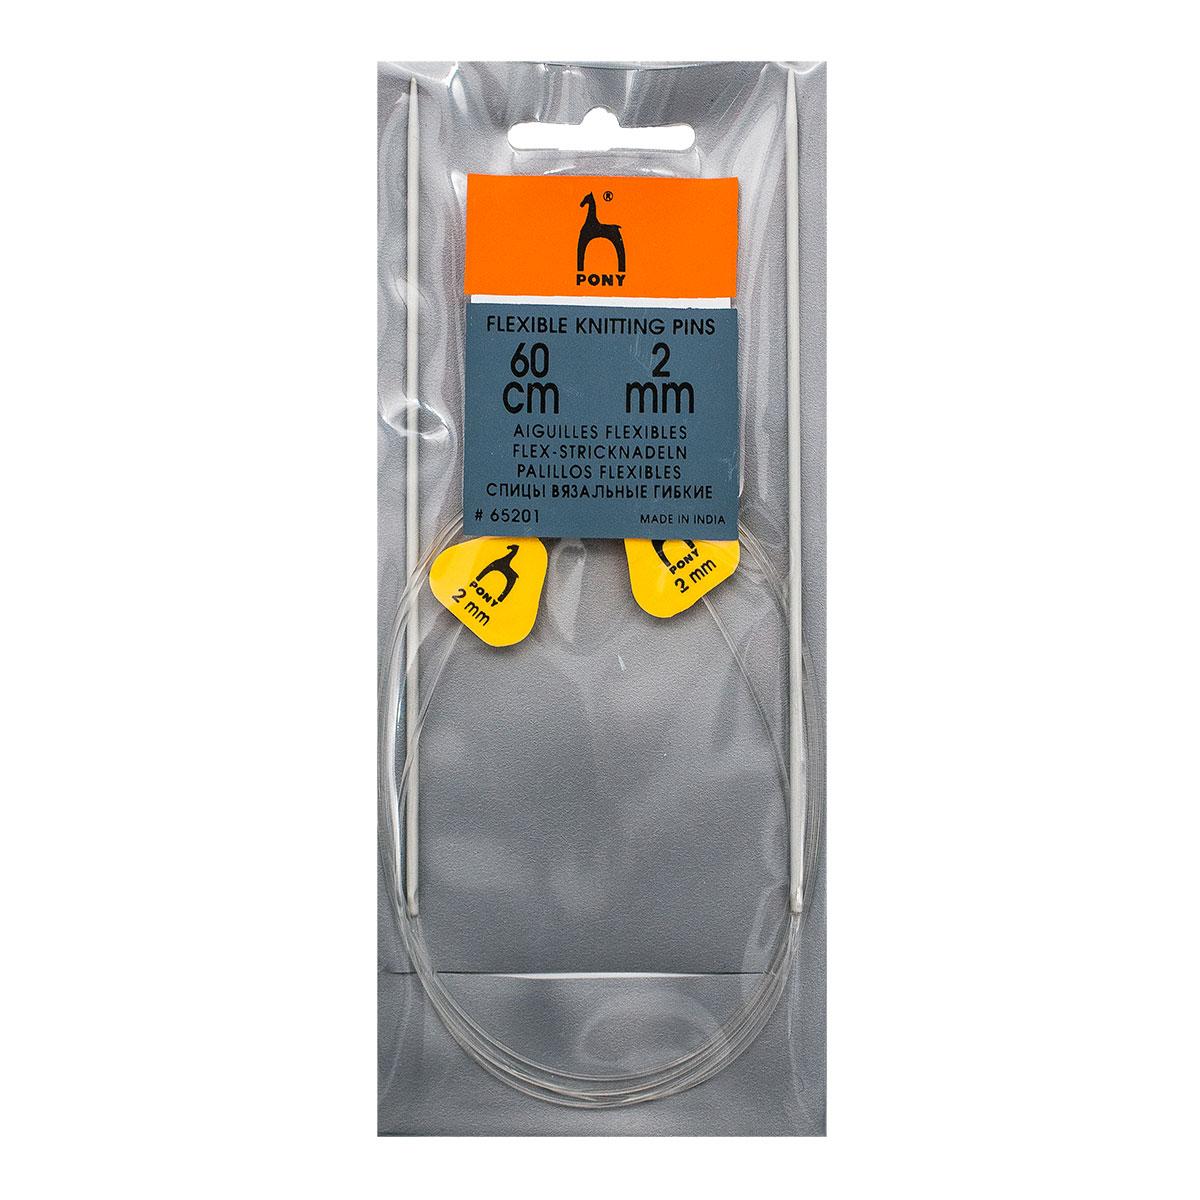 65201 Спицы вязальные гибкие с фиксатором 2,00мм*60см, алюм., 2шт PONY